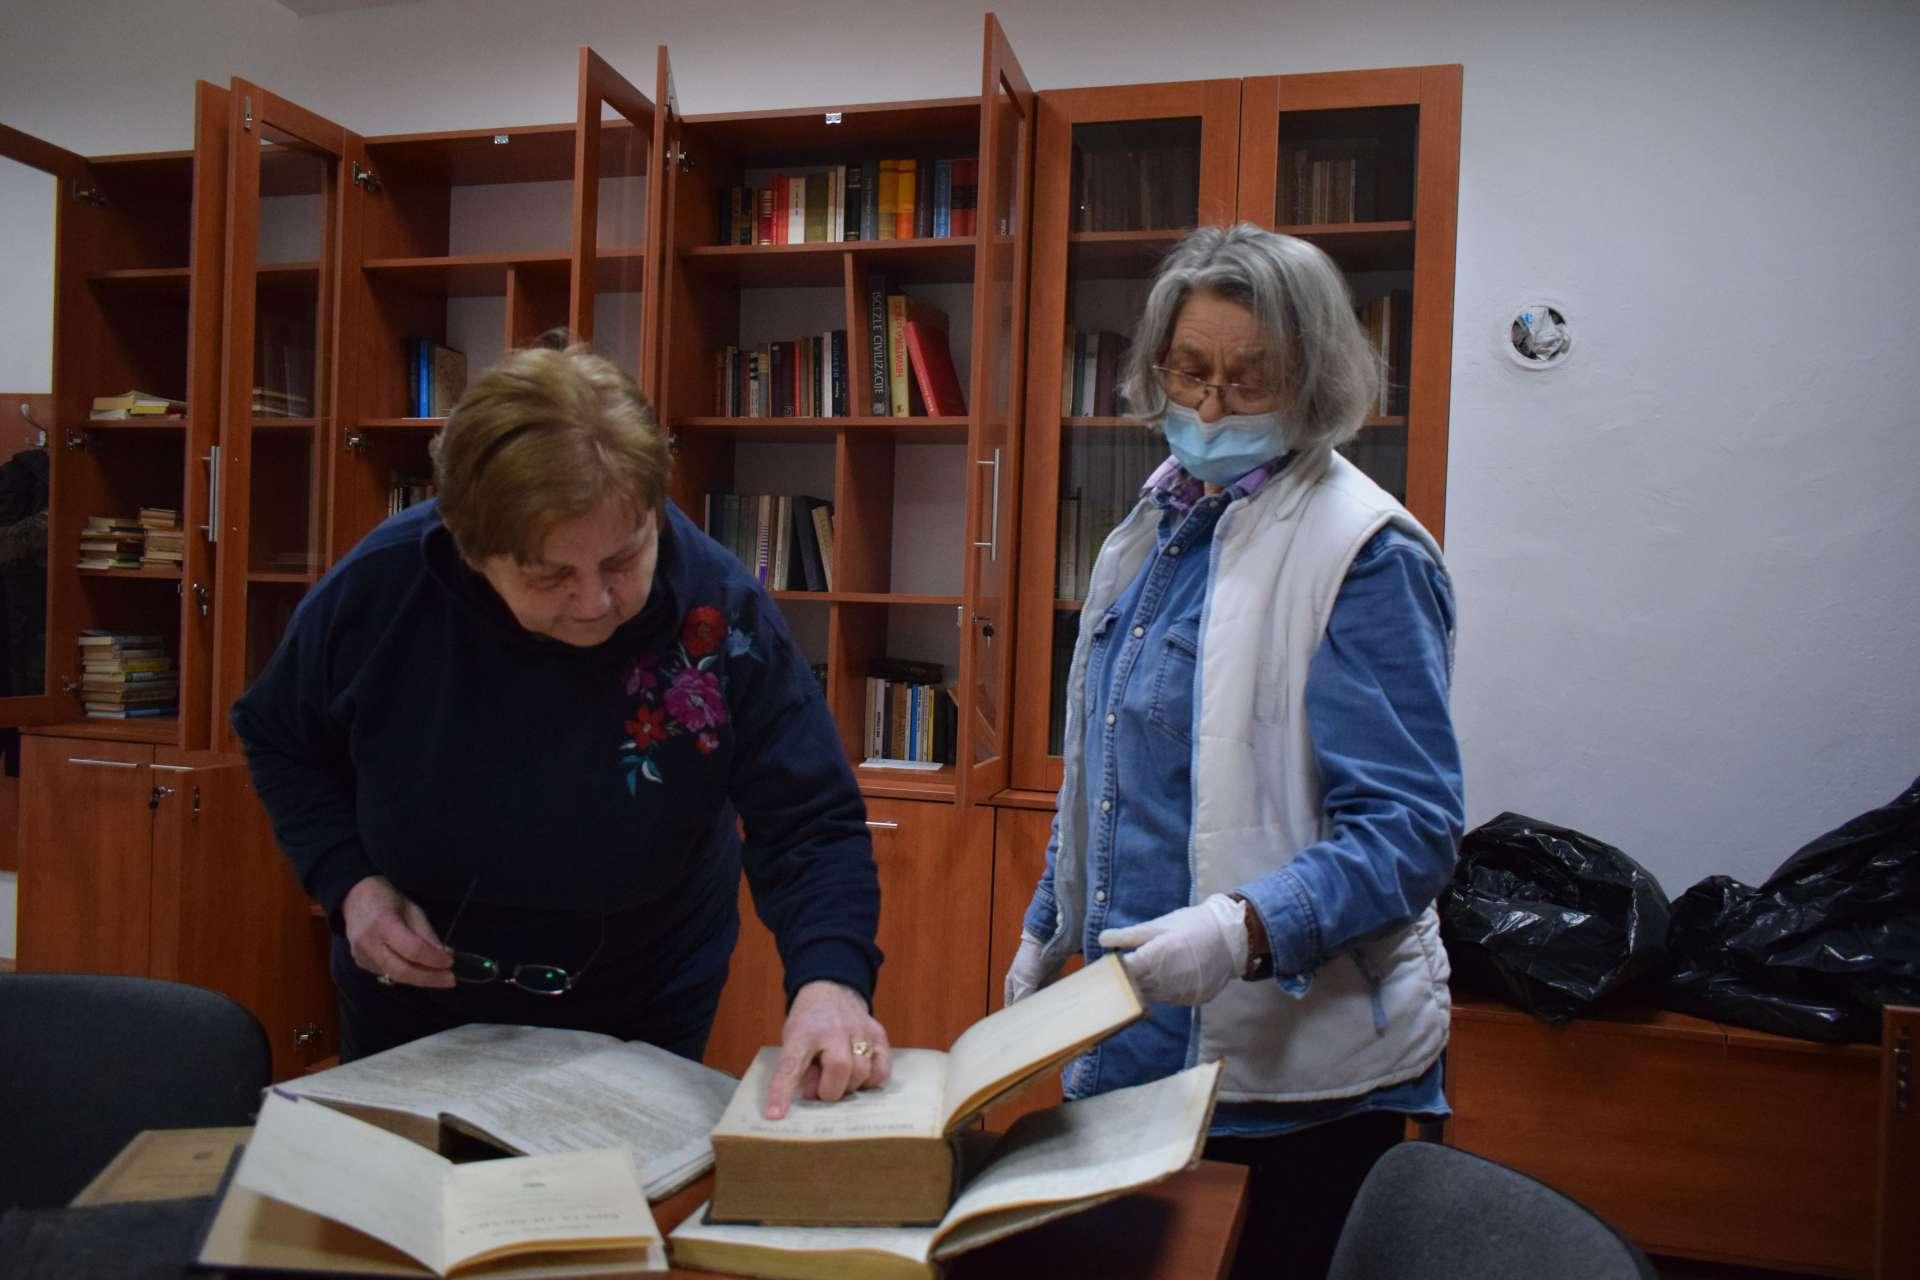 U Sv. Filip i Jakovu uskoro otvorenje knjižnice s naslovima starim skoro dvjesto godina